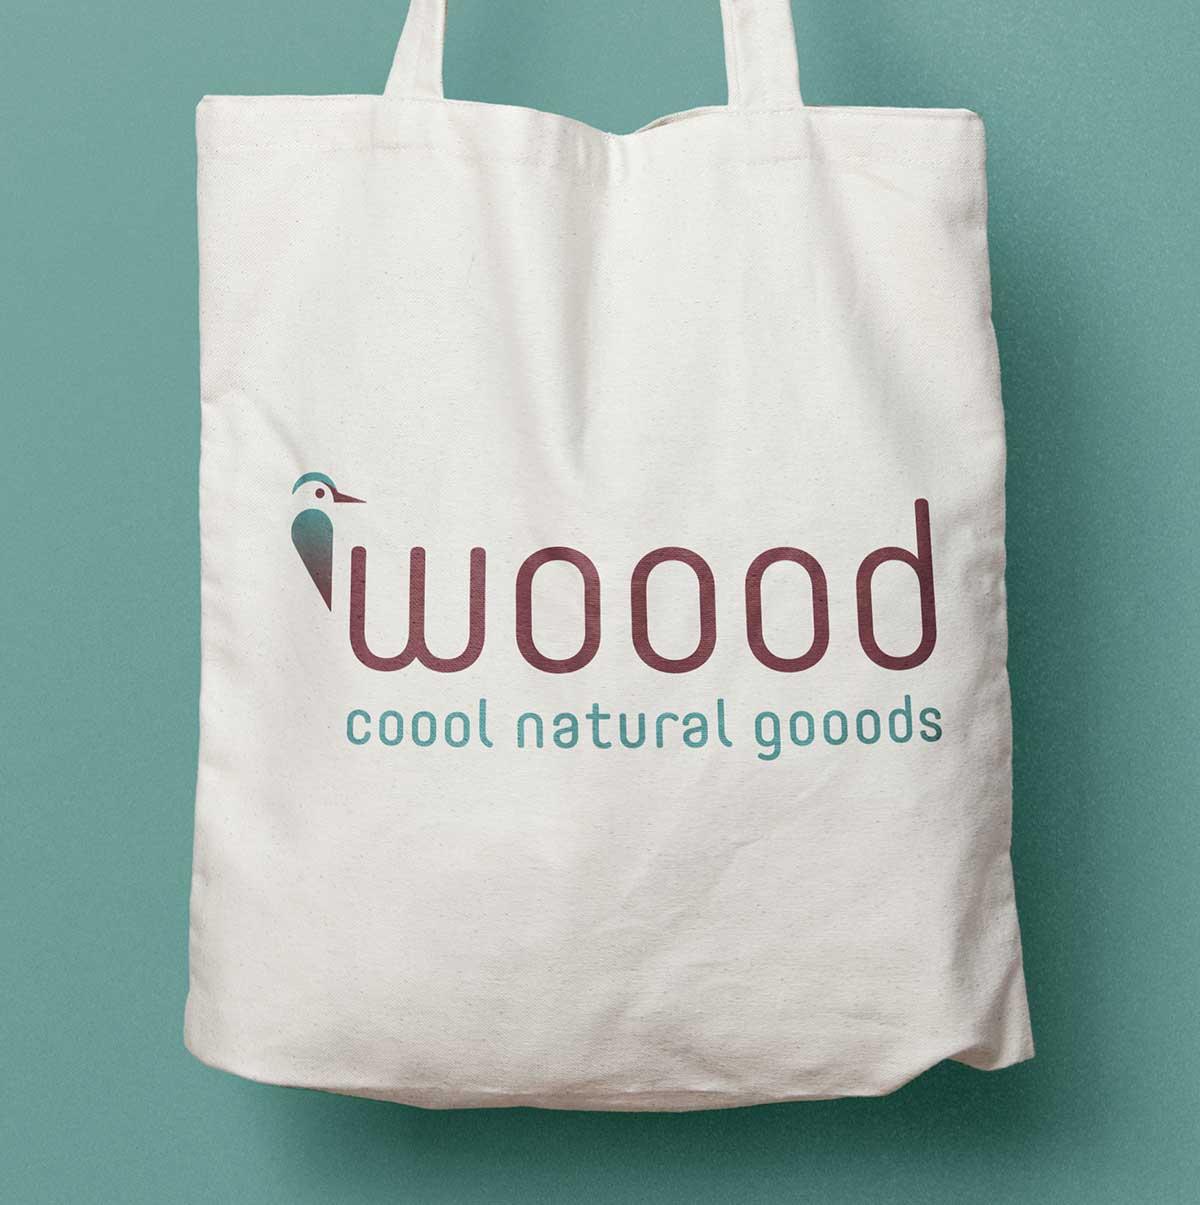 Stofftasche mit Logo von woood - coool natural gooods